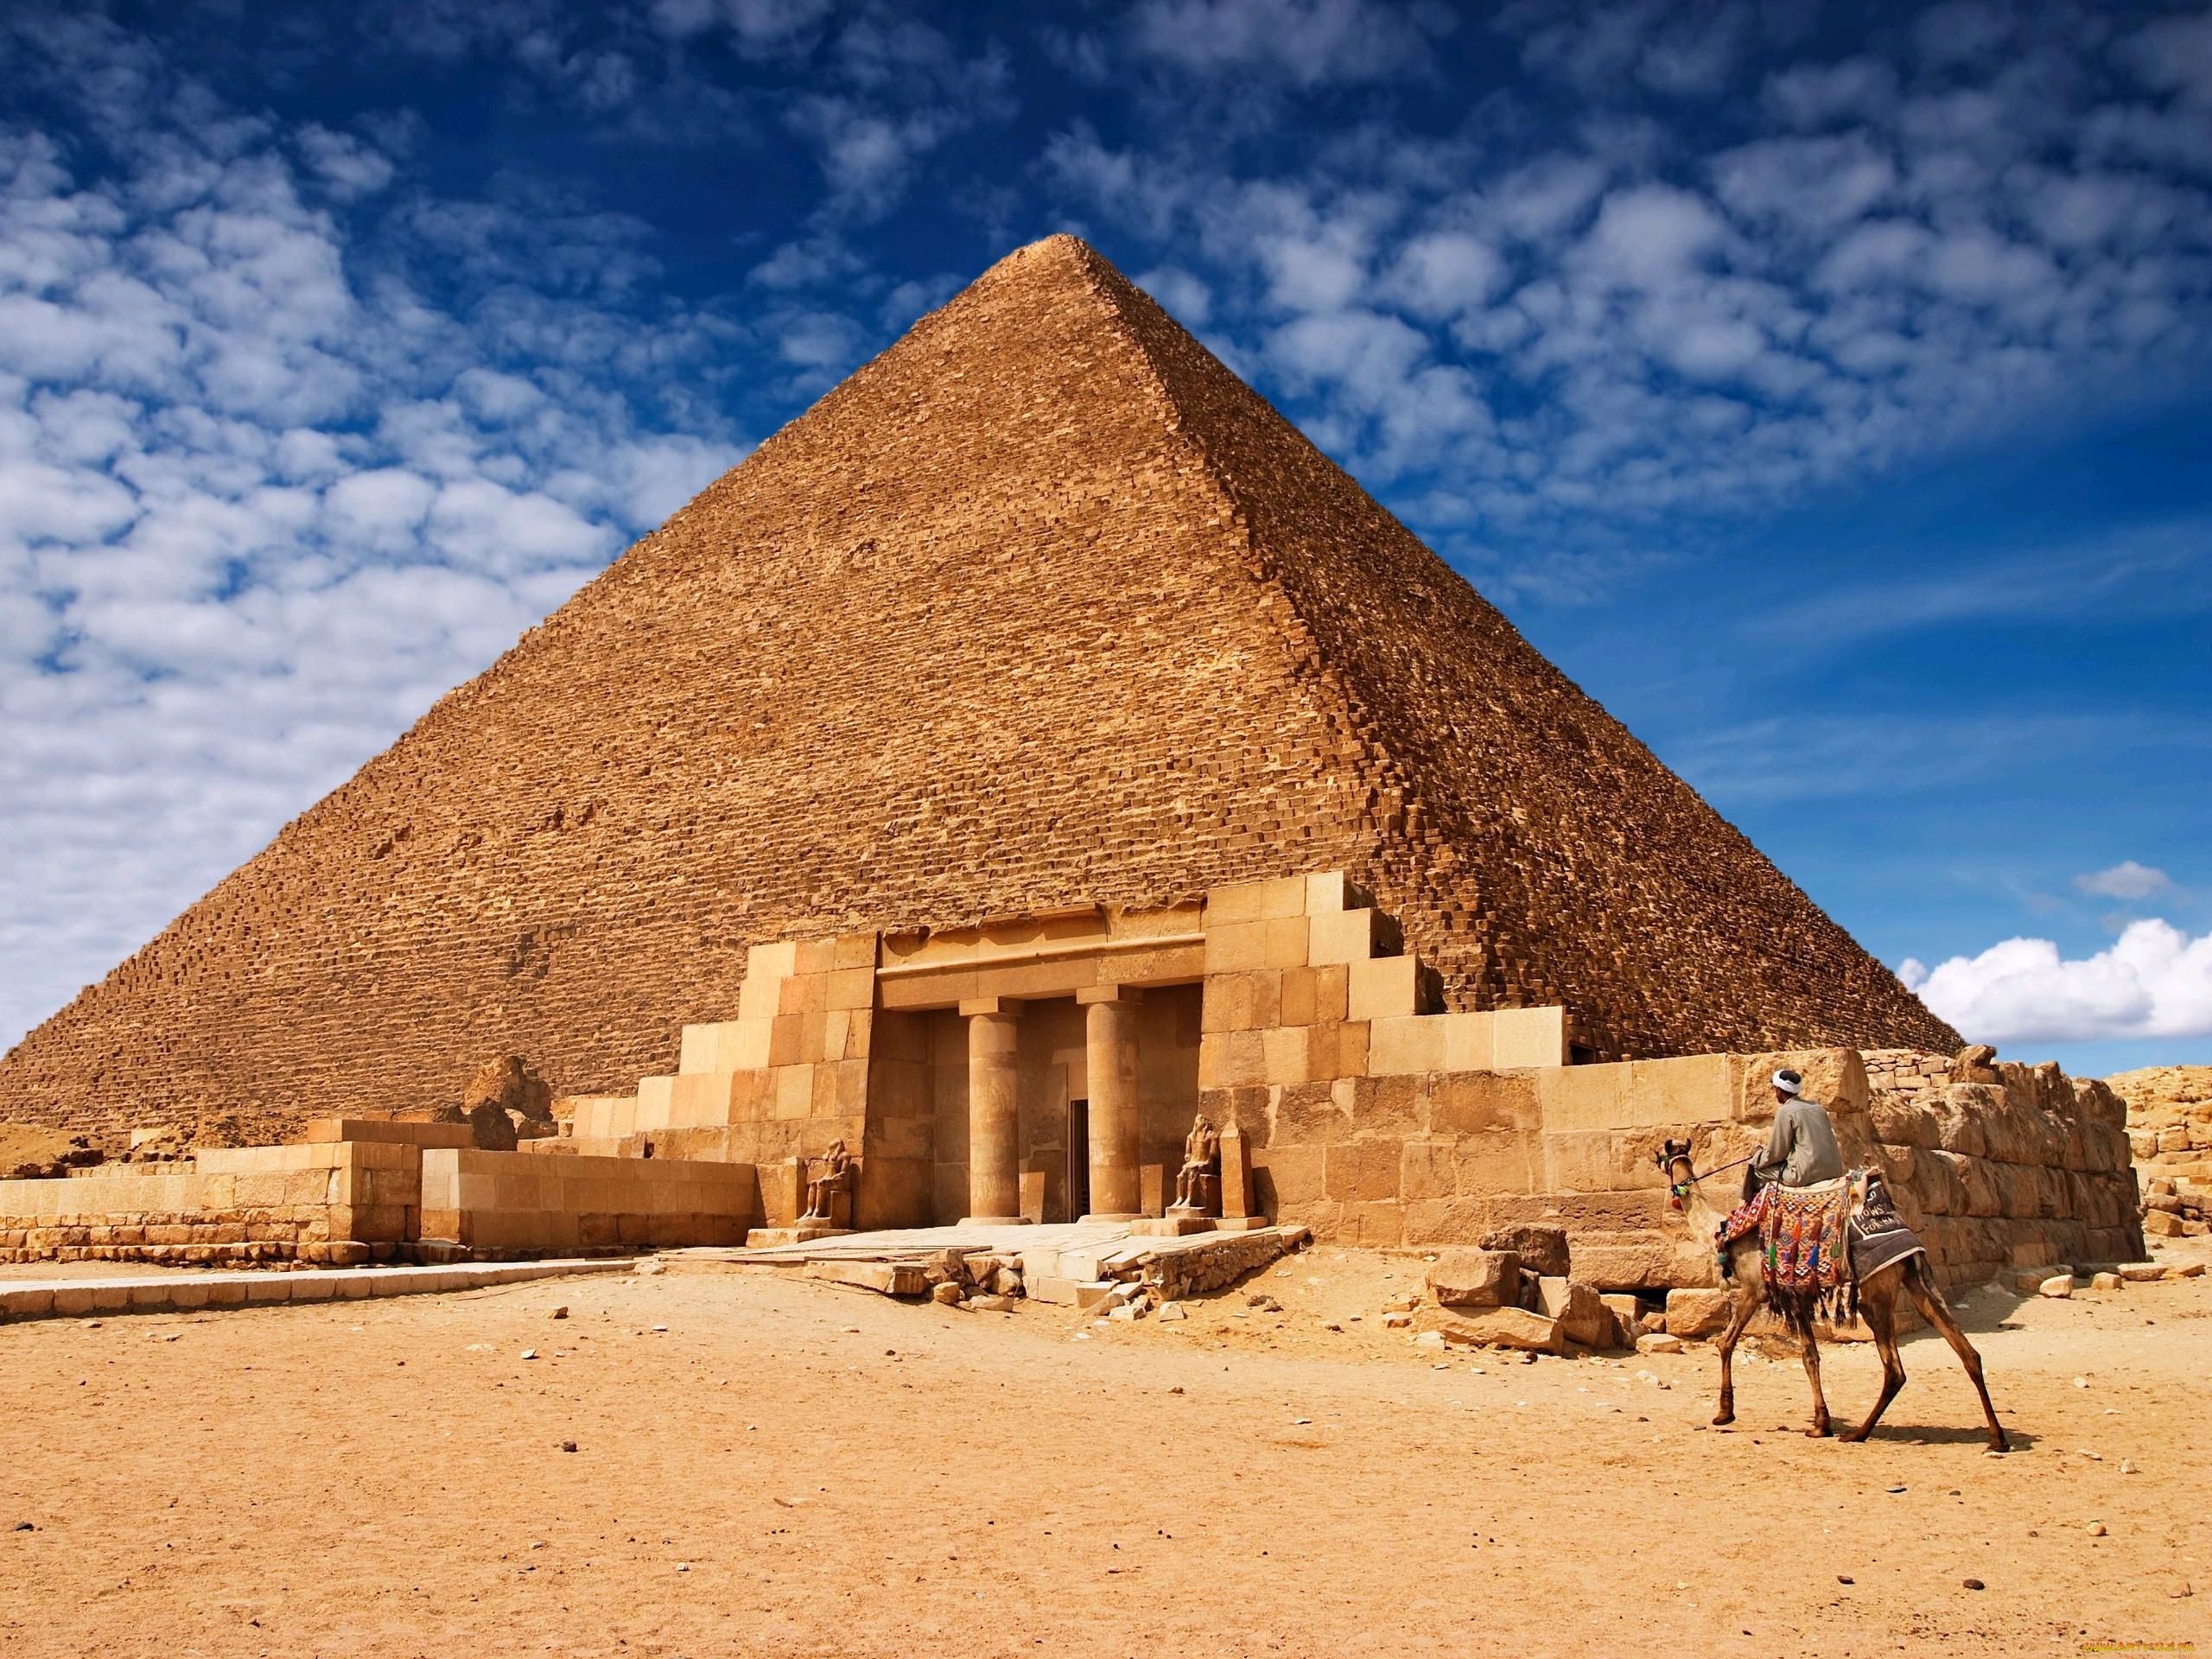 может слишком фотографии древнего египта это хаотичная посадка